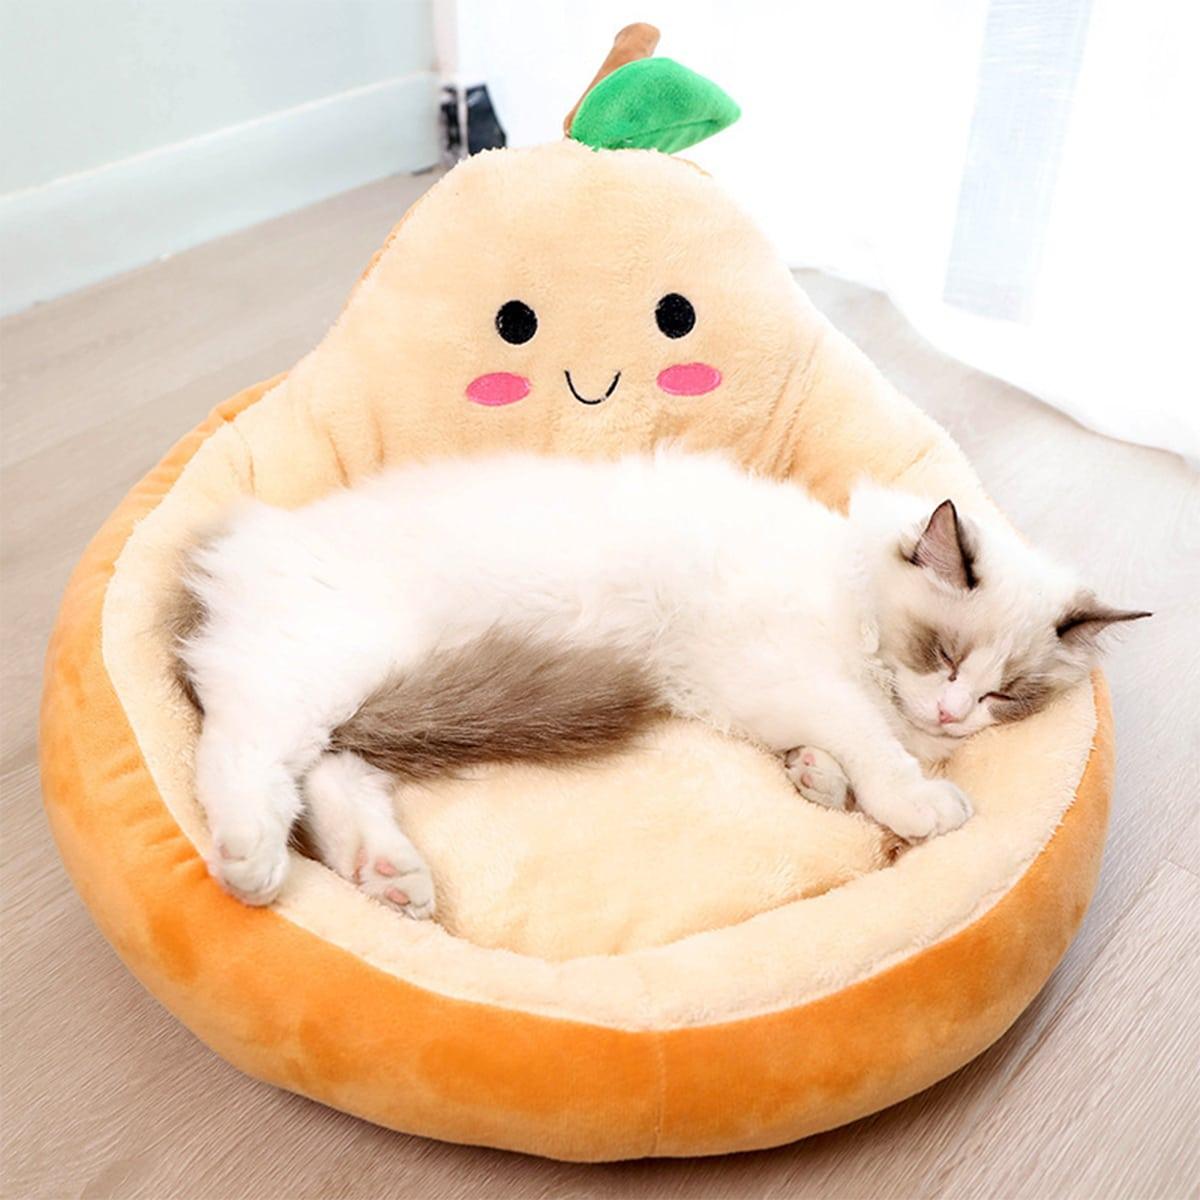 Cartoon Avocado Pet Bed, SHEIN  - buy with discount